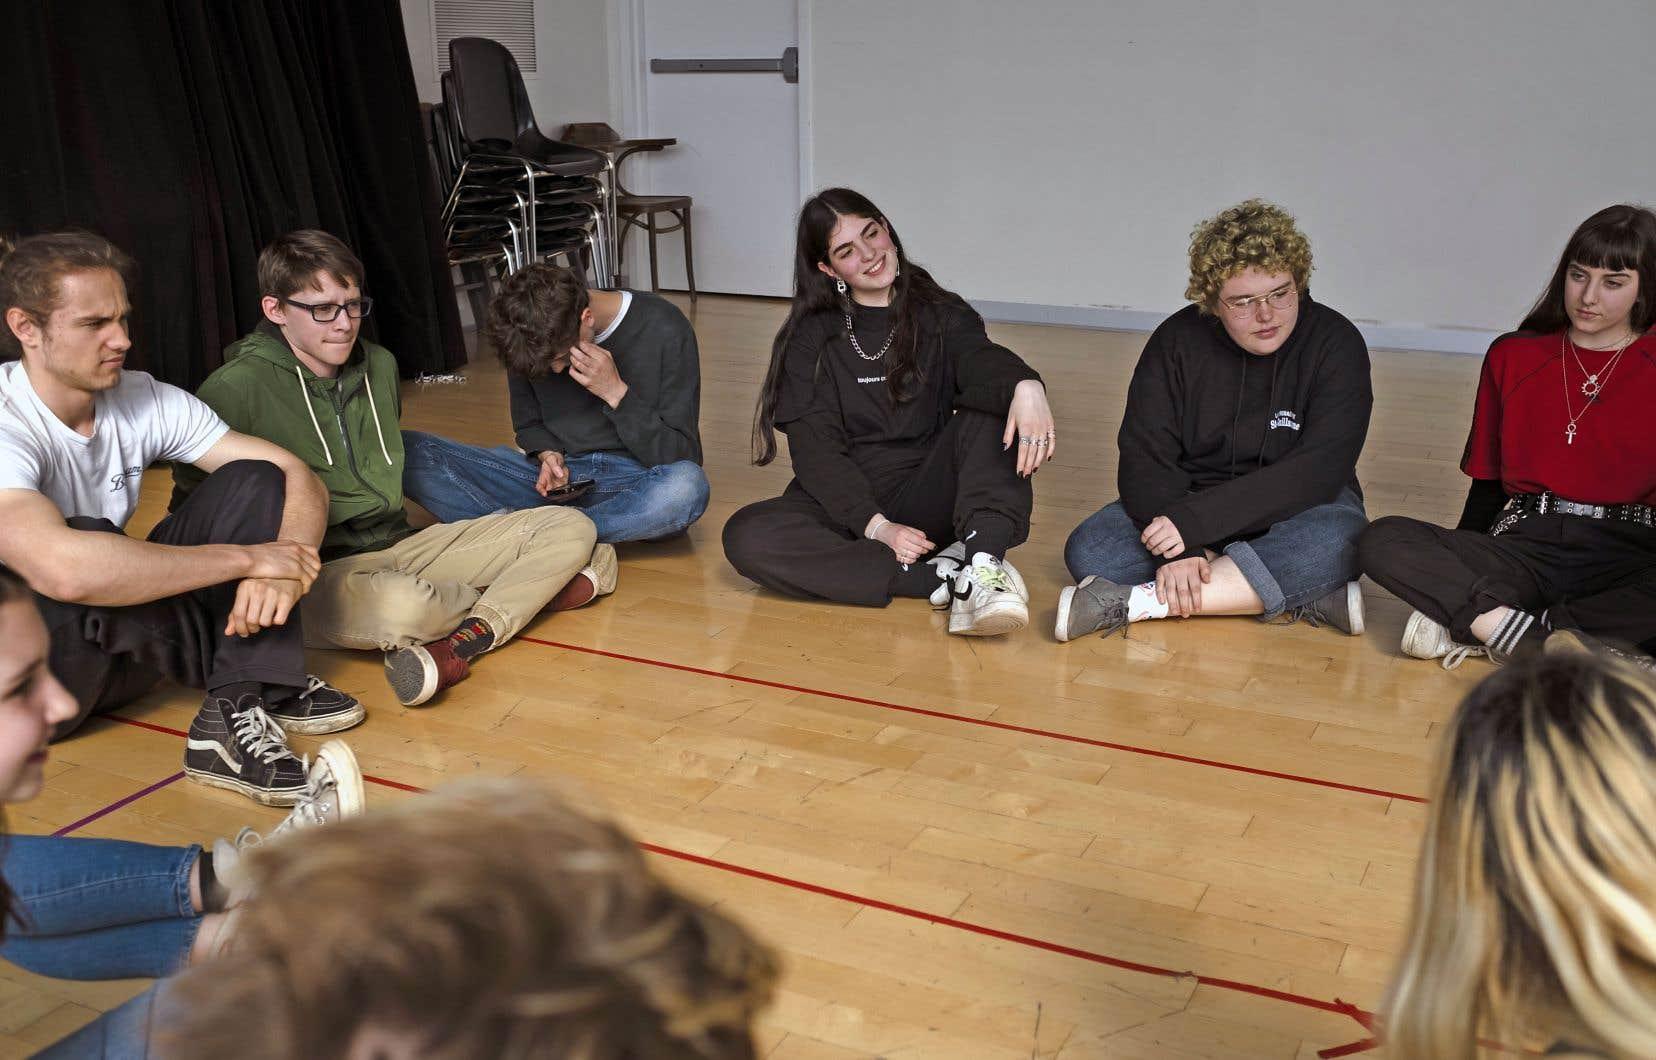 Des d'élèves de l'école Sophie-Barat parlent du projet théâtral auquel ils collaborent.